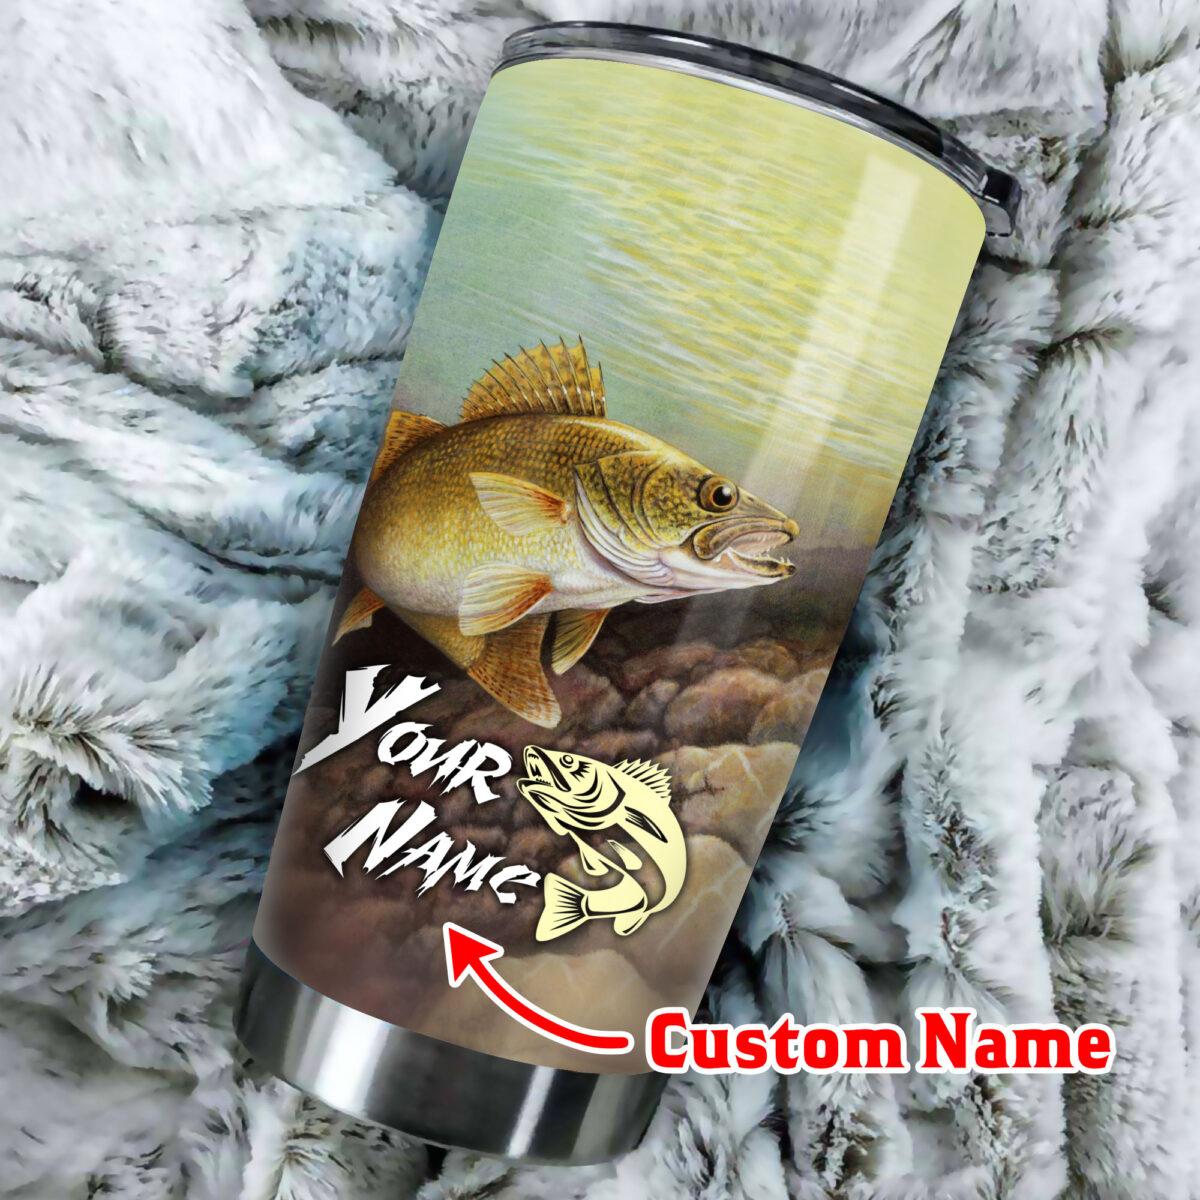 custom name love fishing all over print stainless steel tumbler 3